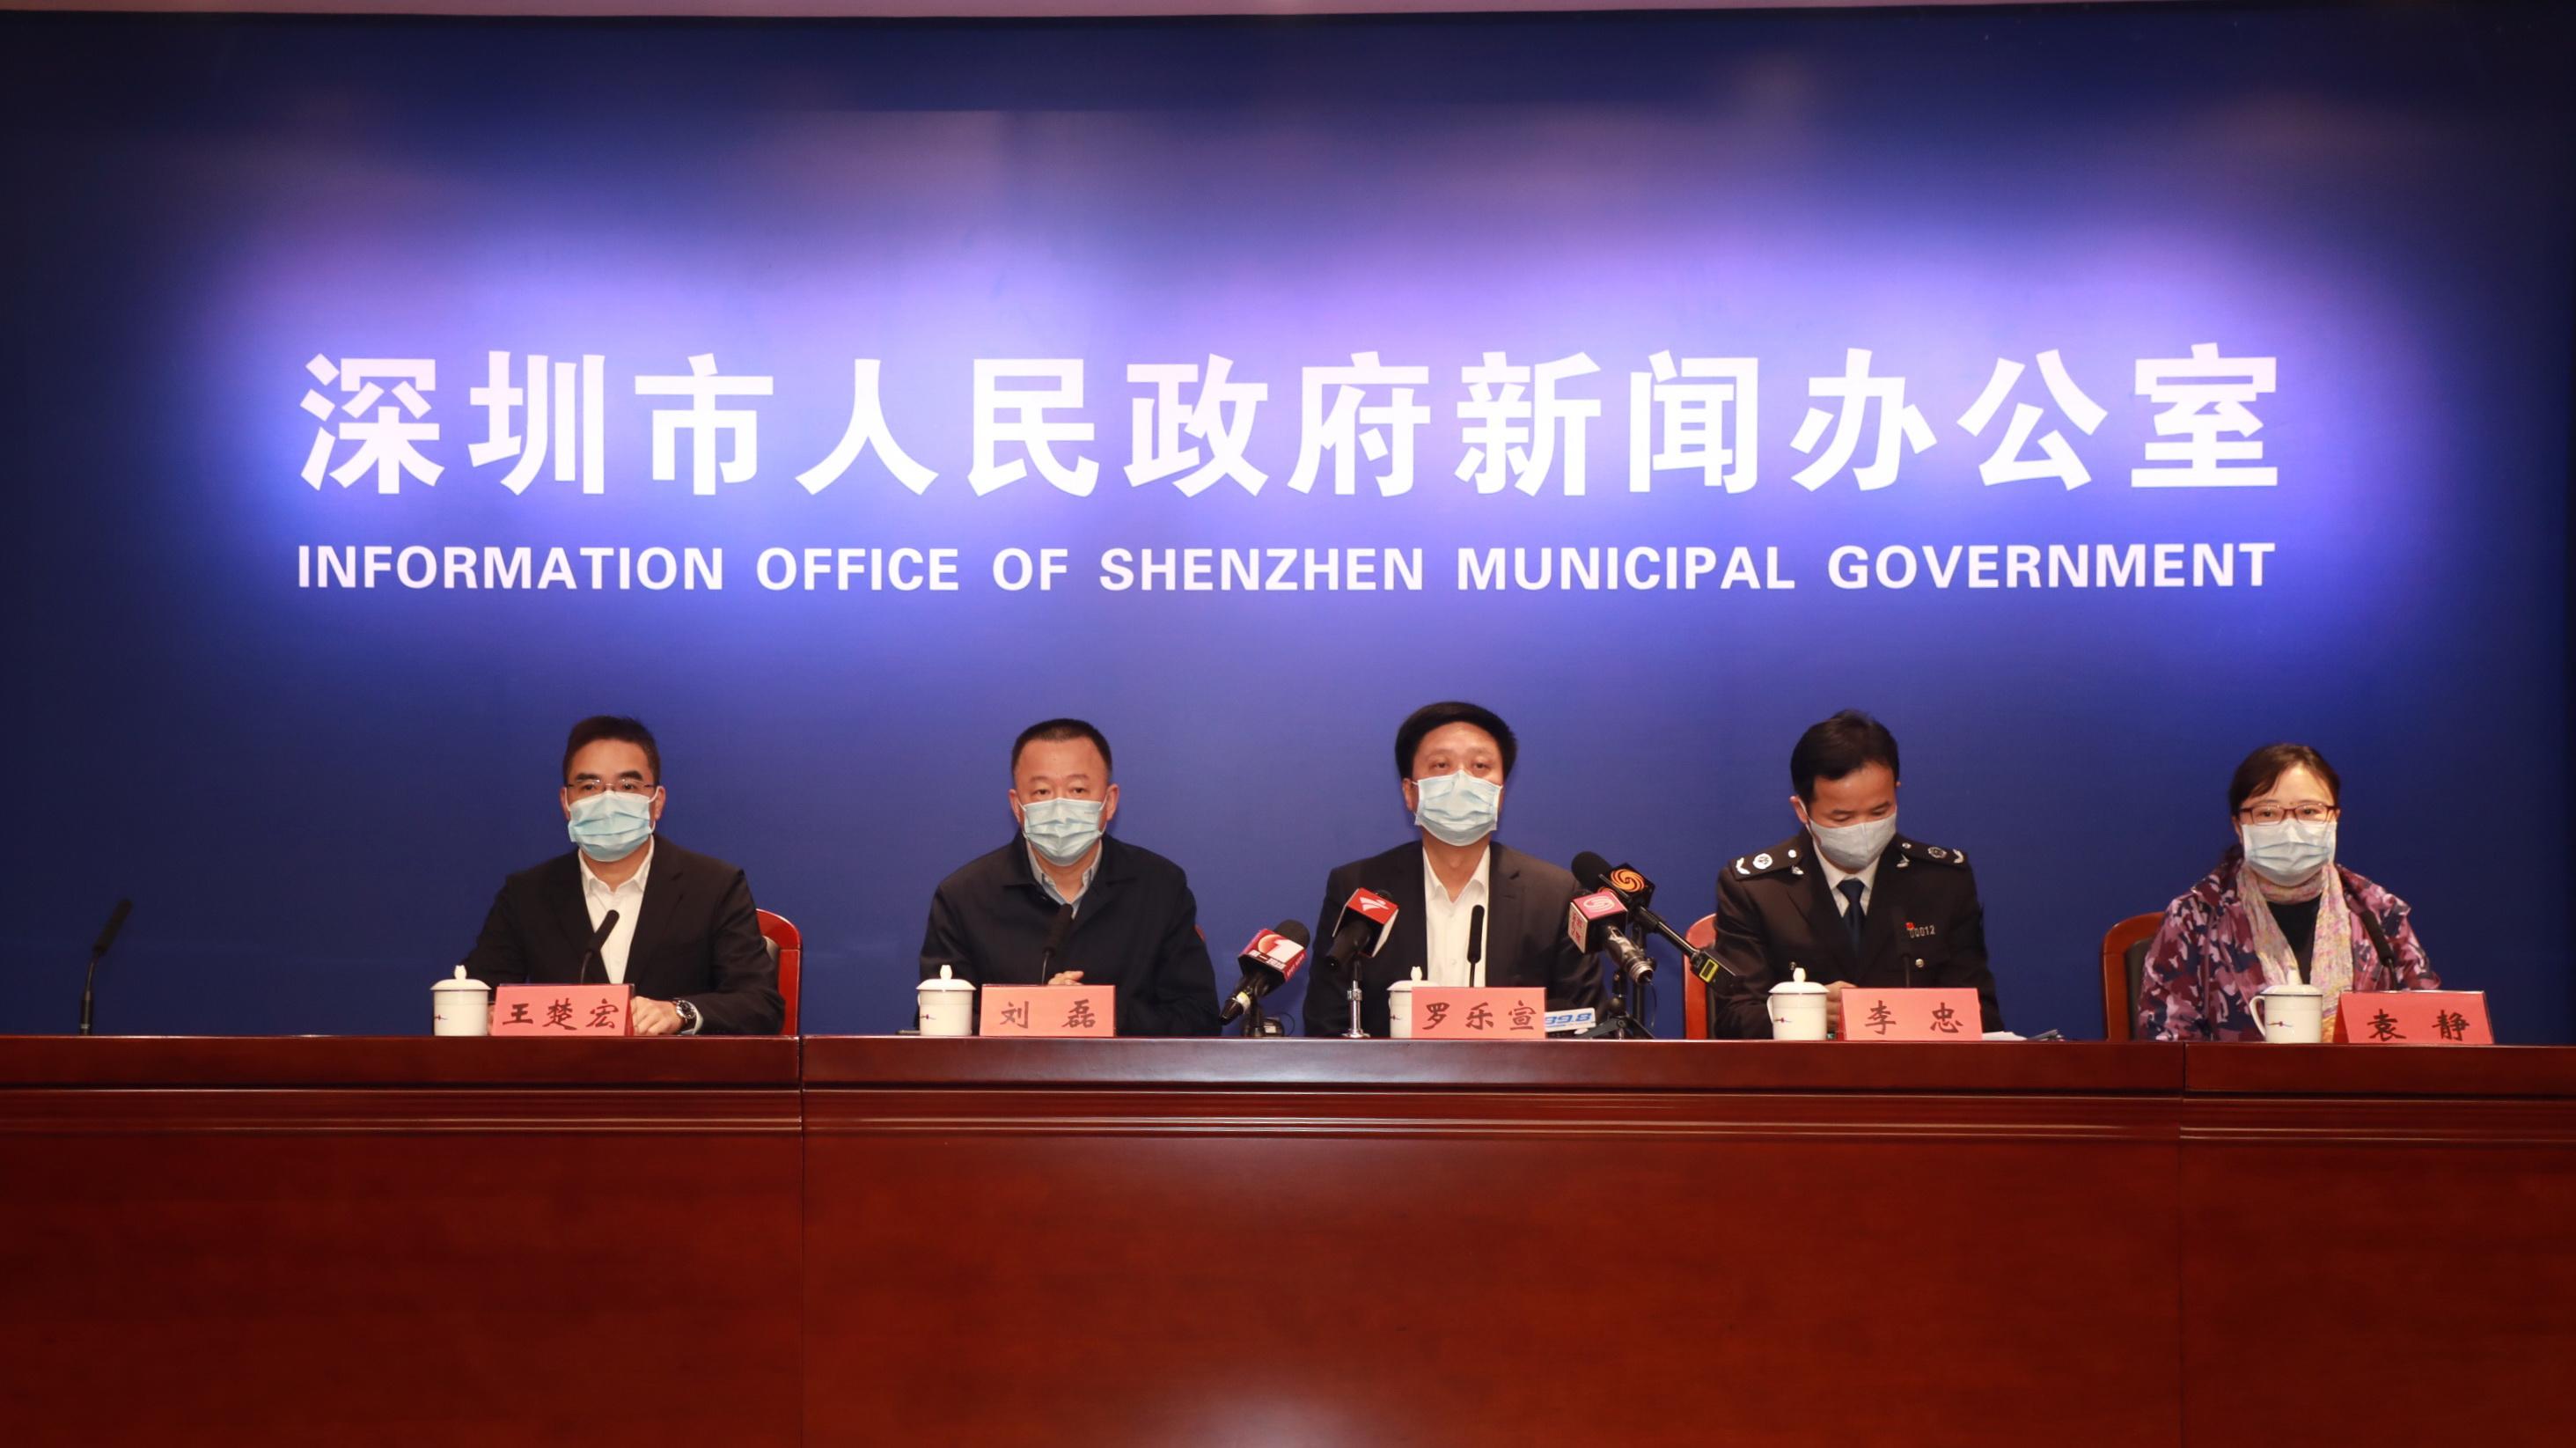 在现场|深圳疫情防控发布会:全市270家农贸市场已营业,蔬菜供应充足